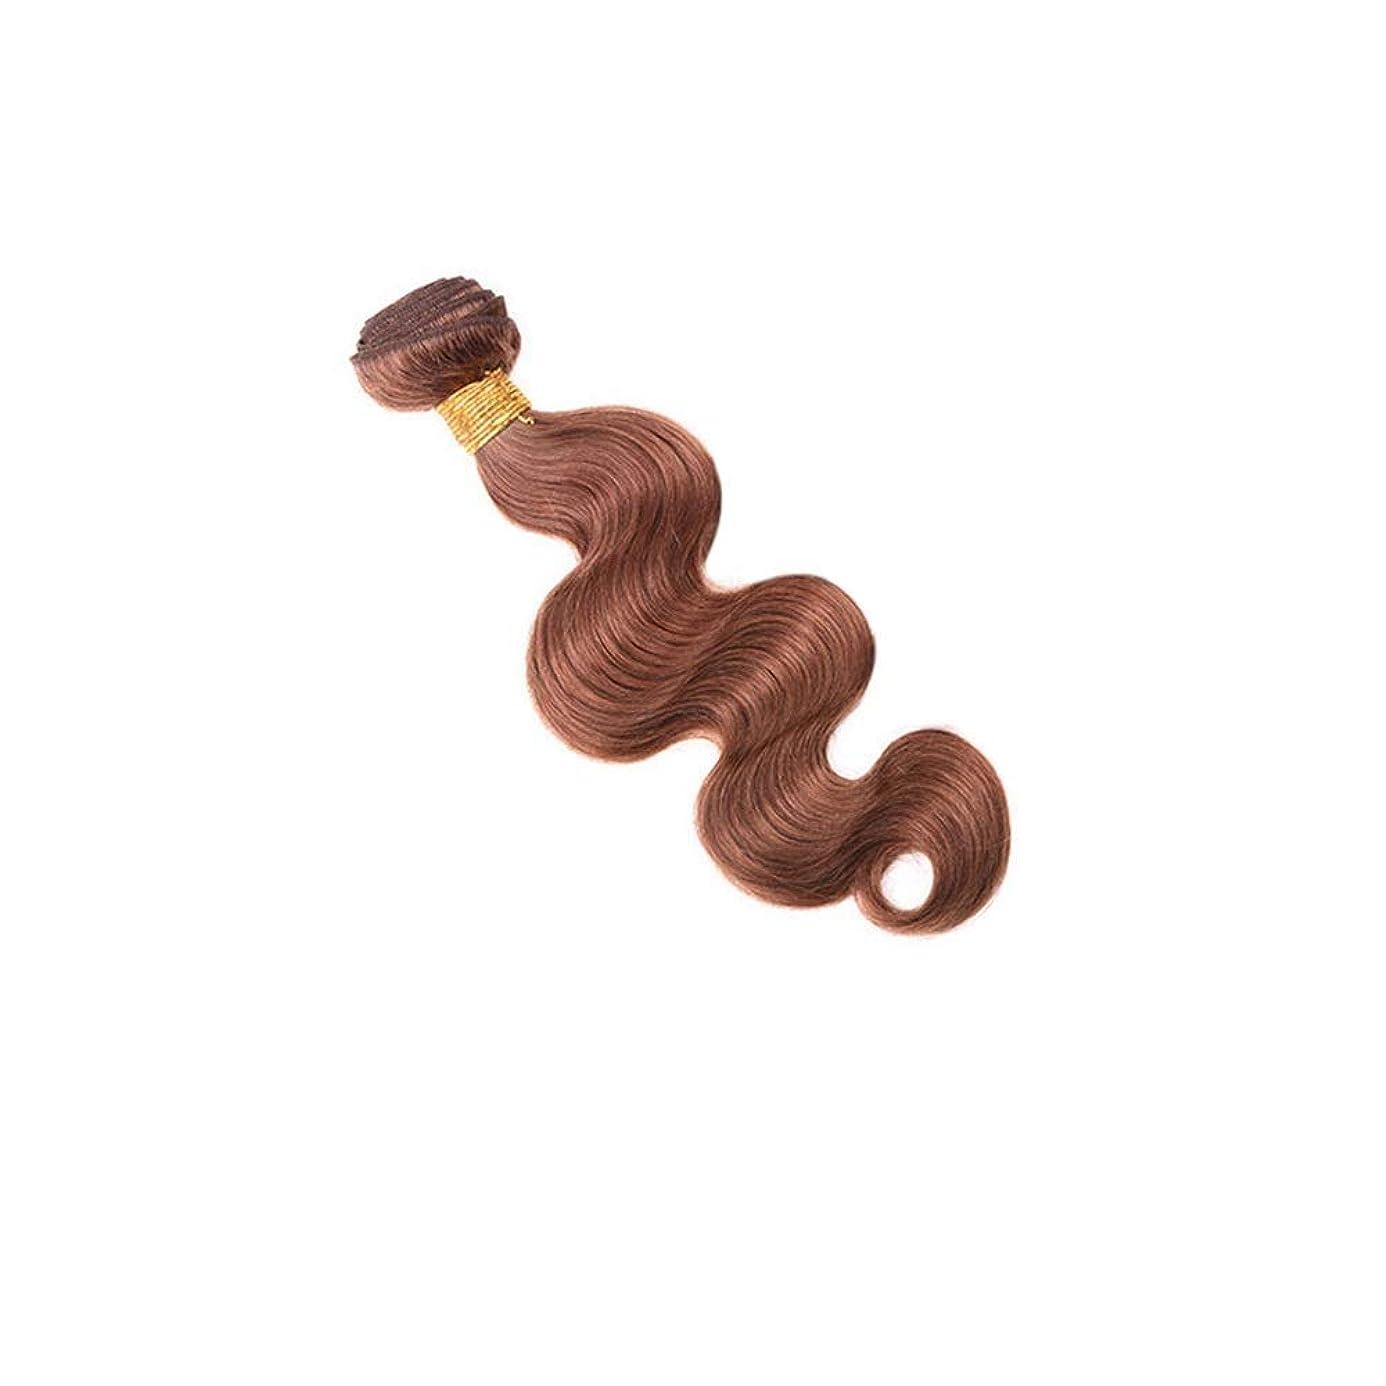 霊メイエラピアノBOBIDYEE 実体波ヘアエクステンション人間の髪の毛100g / 1束ブラジルの髪織り横糸 - 30#ブラウン色(10